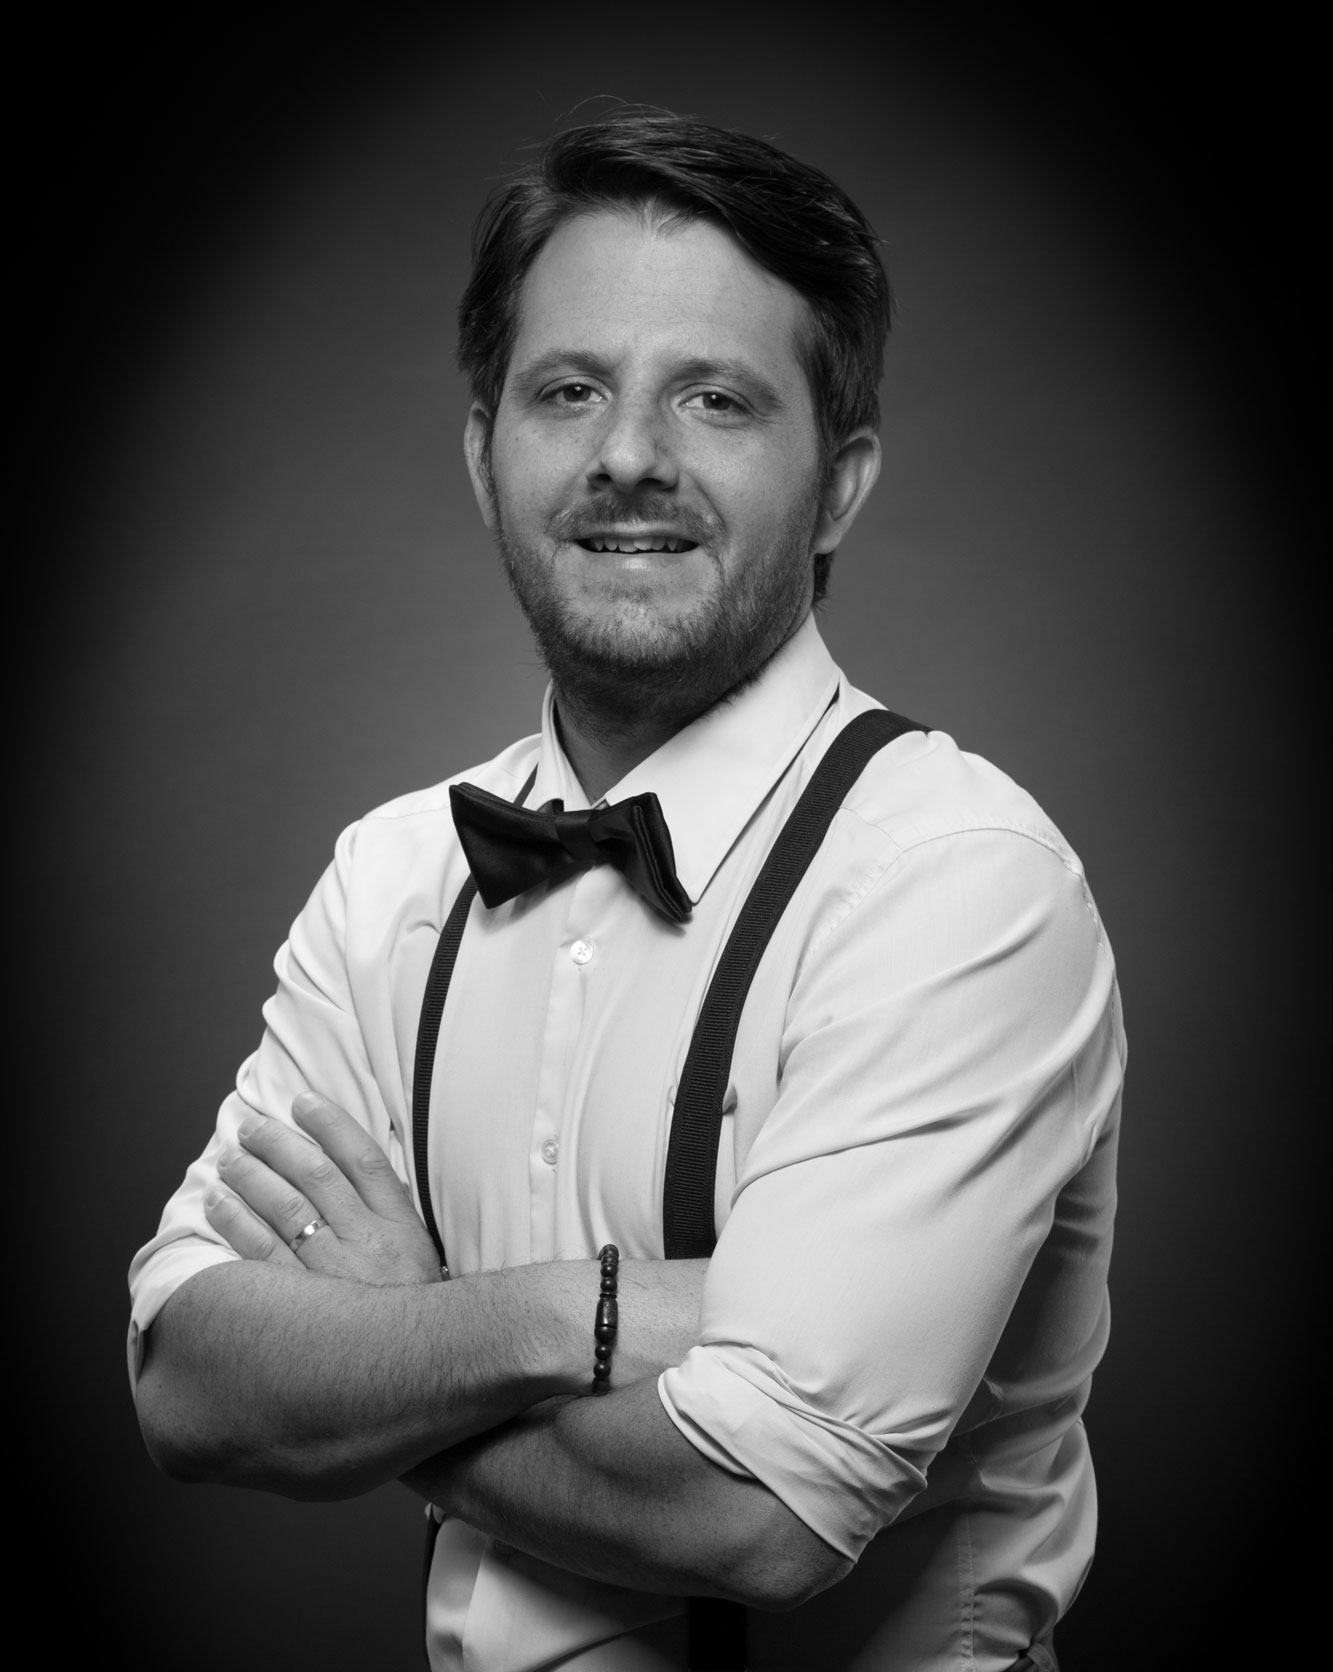 Boris Hoffarth - Hochzeitsfotograf aus Freiburg